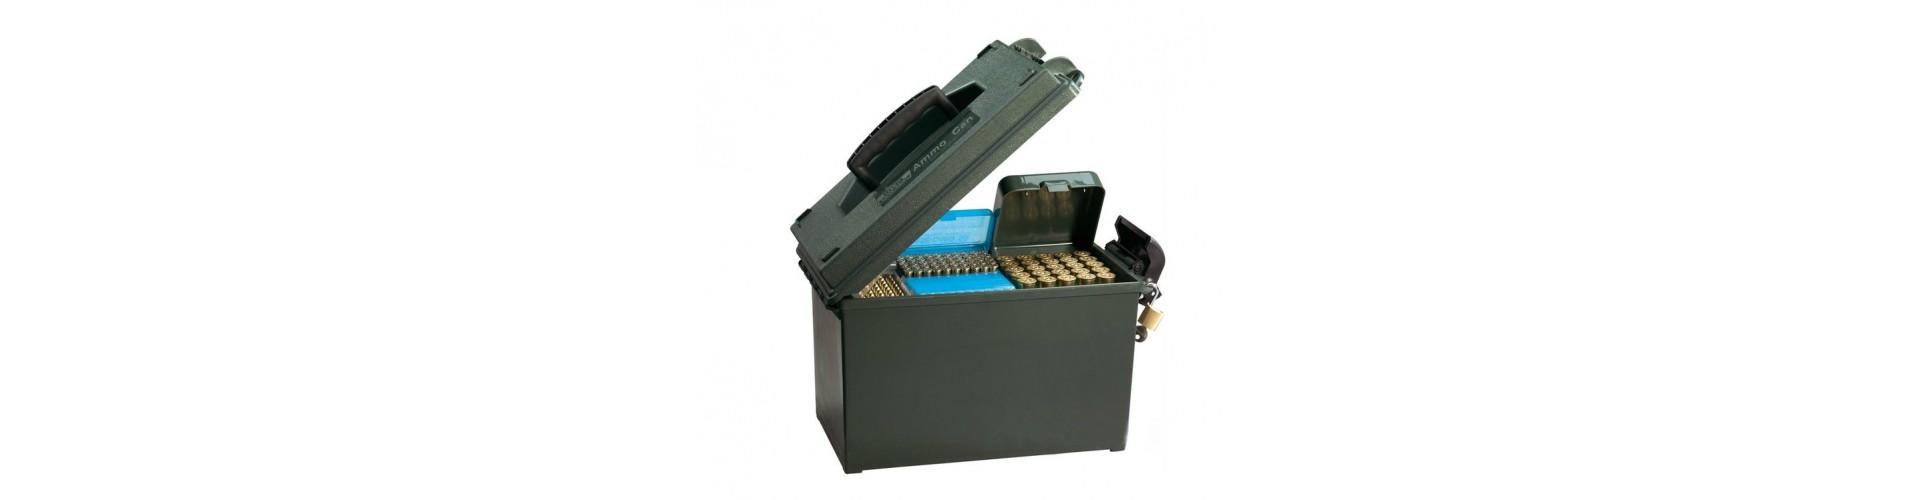 Ammunitionskasser - Køb patronholder og ammunitionskasse til haglpatroner og riffelpatroner